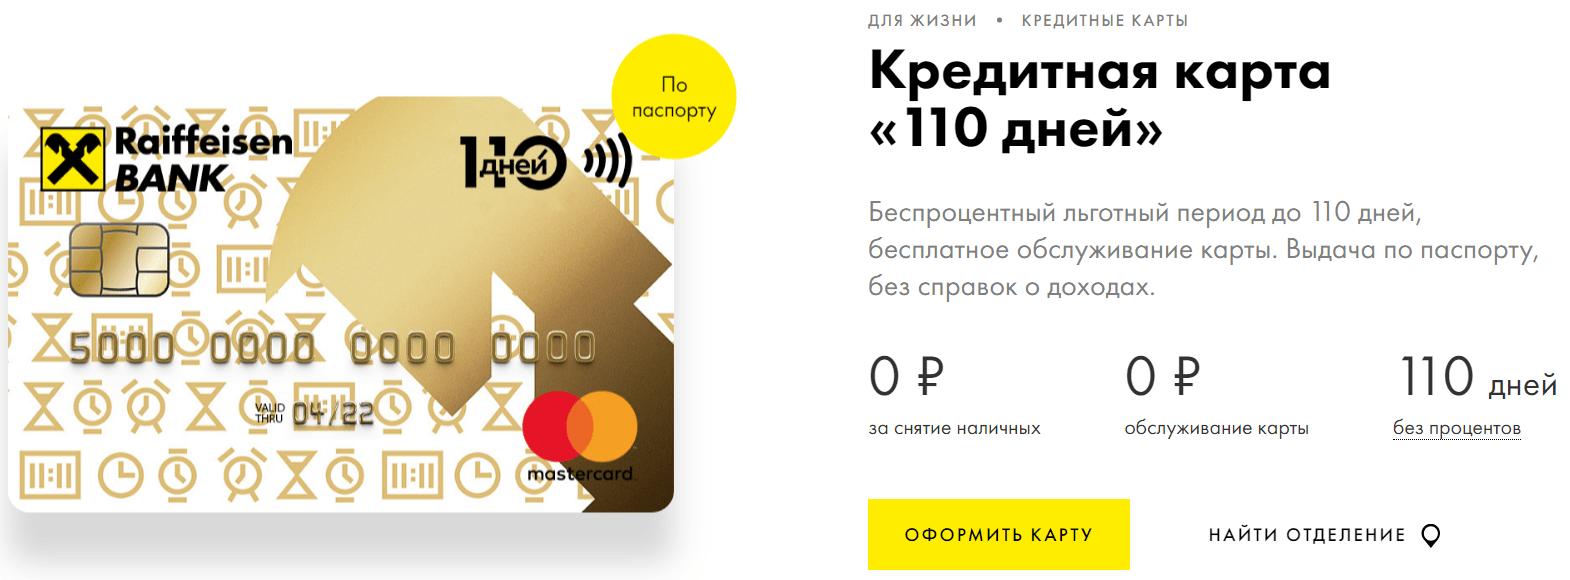 райффайзенбанк кредитная карта условия это